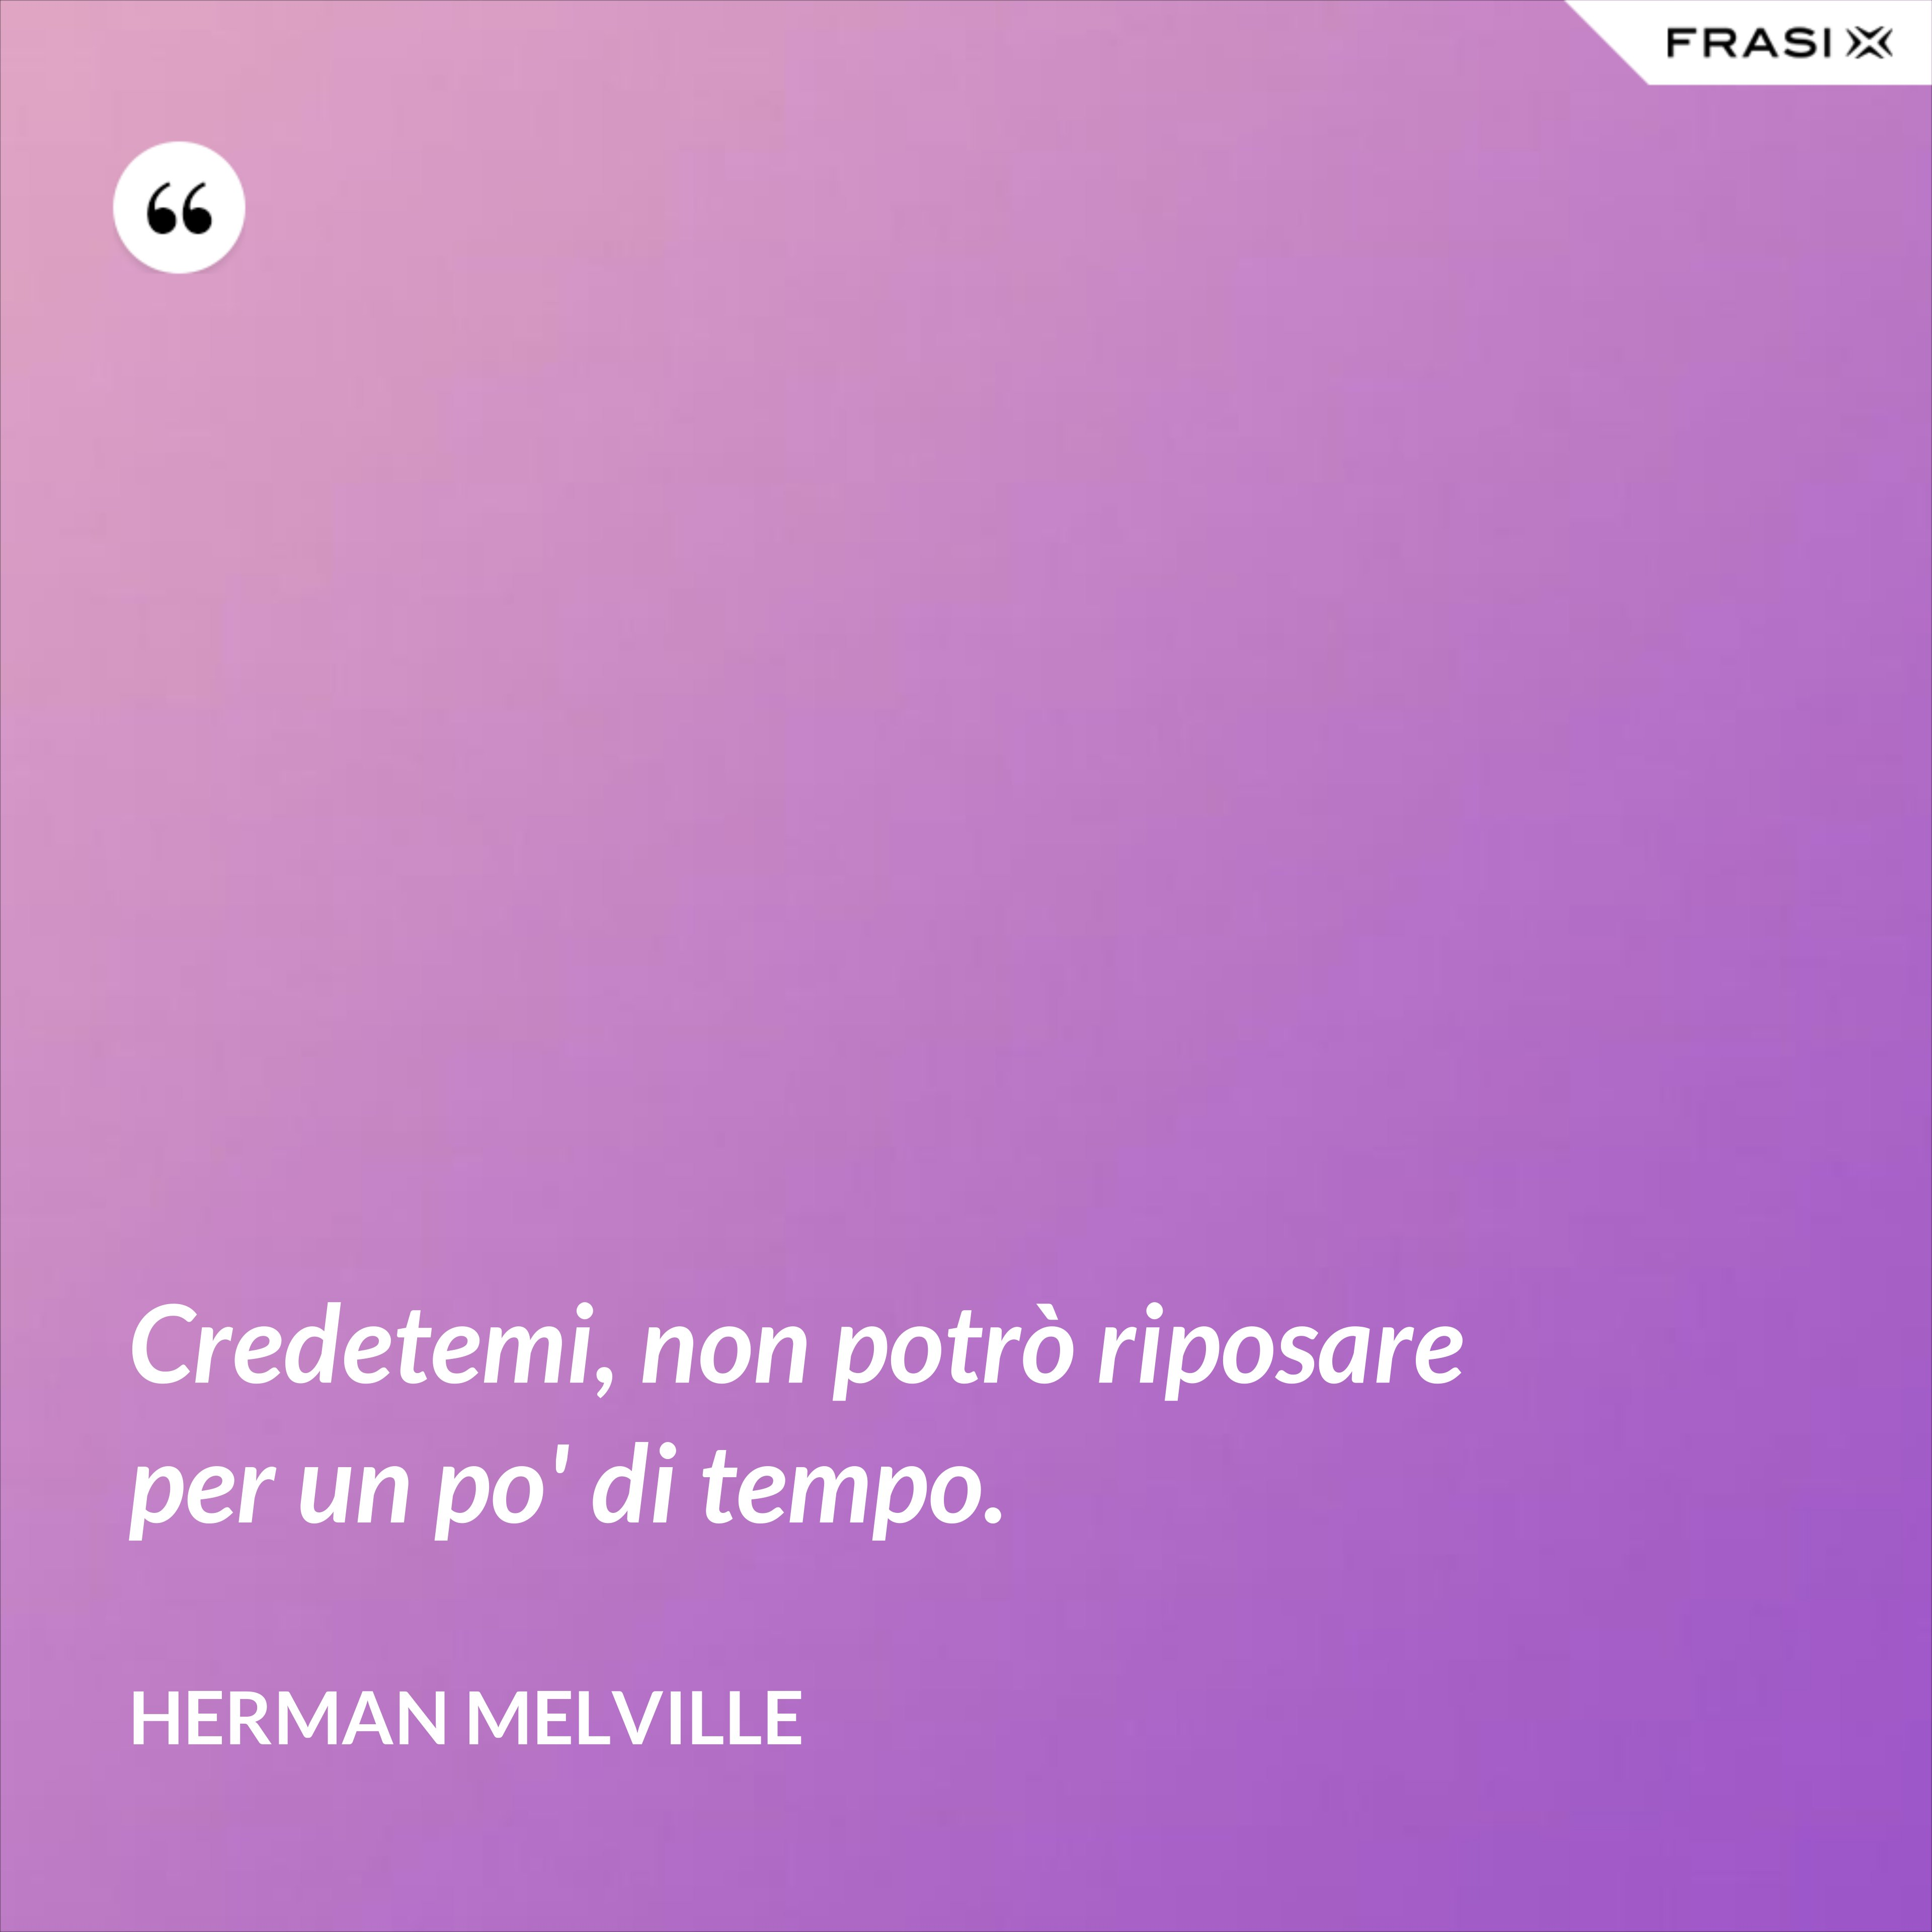 Credetemi, non potrò riposare per un po' di tempo. - Herman Melville